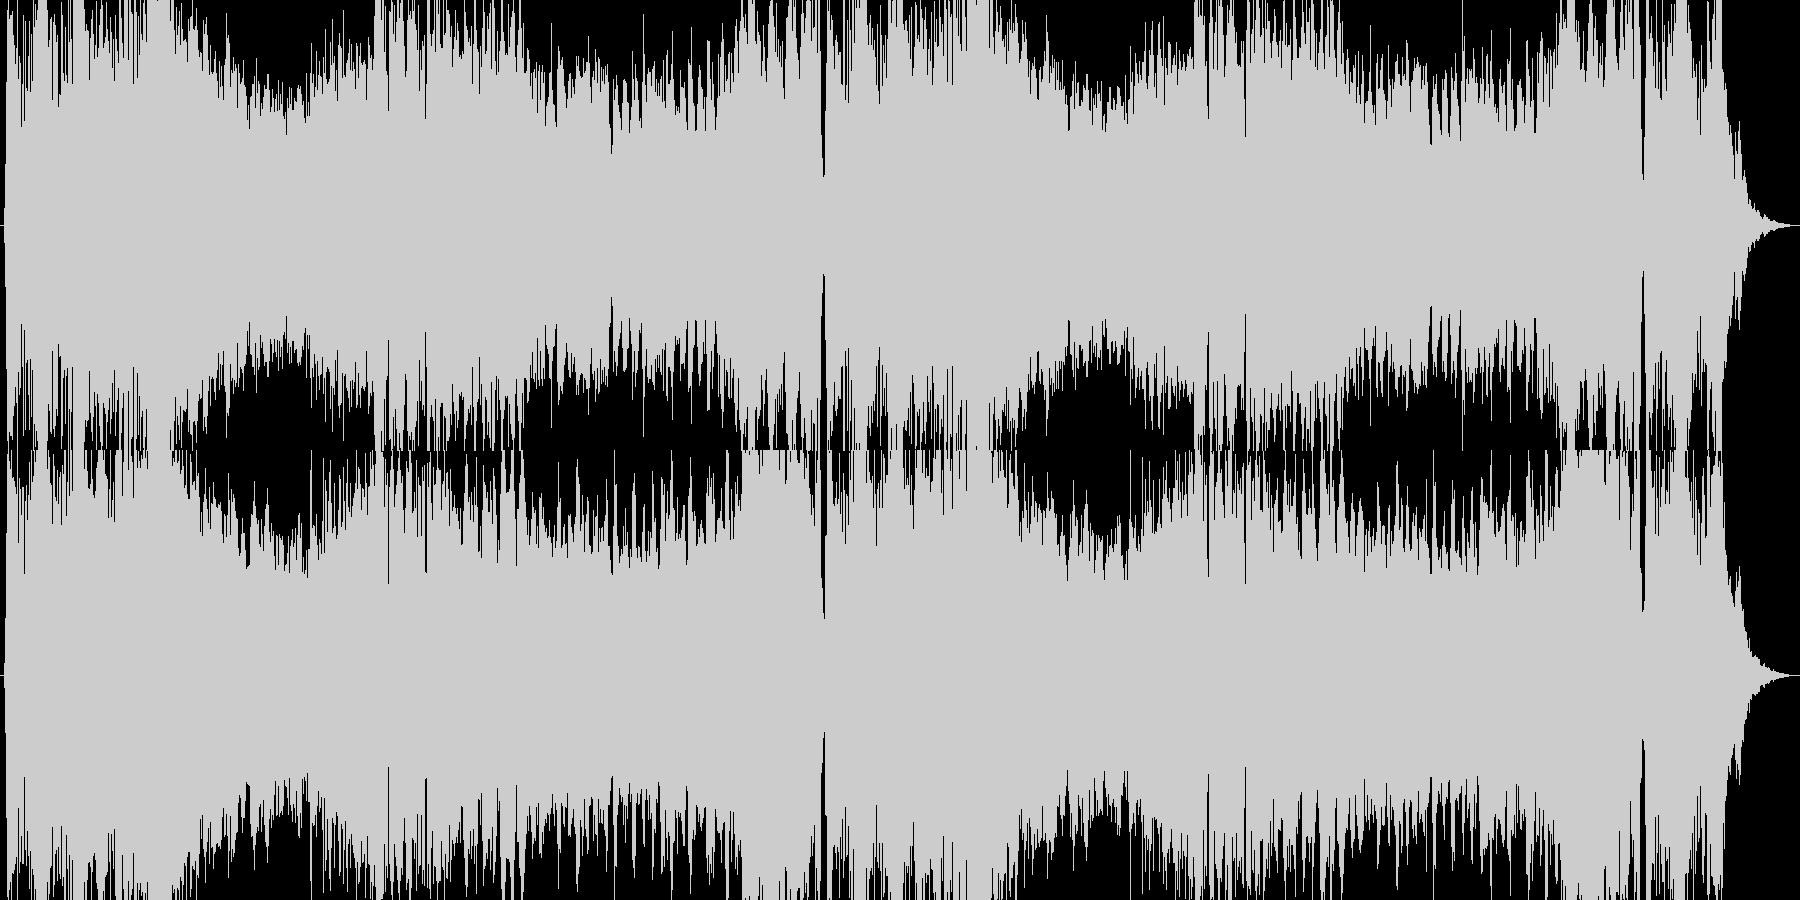 王宮を表現したオーケストラ調の明るい楽曲の未再生の波形